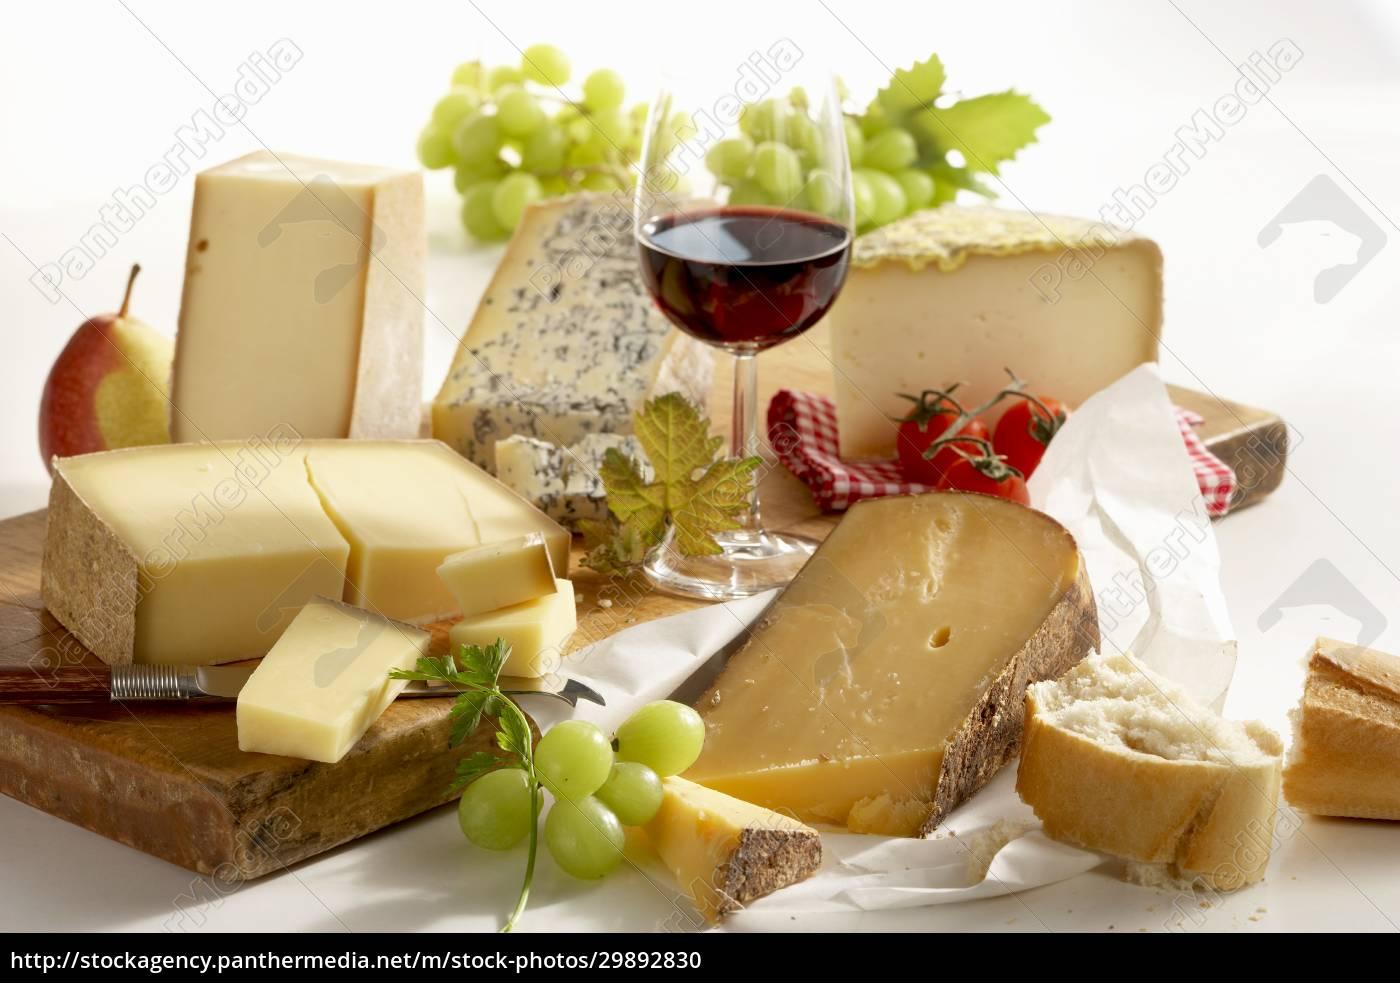 ein, stillleben, aus, französischem, käse, mit - 29892830